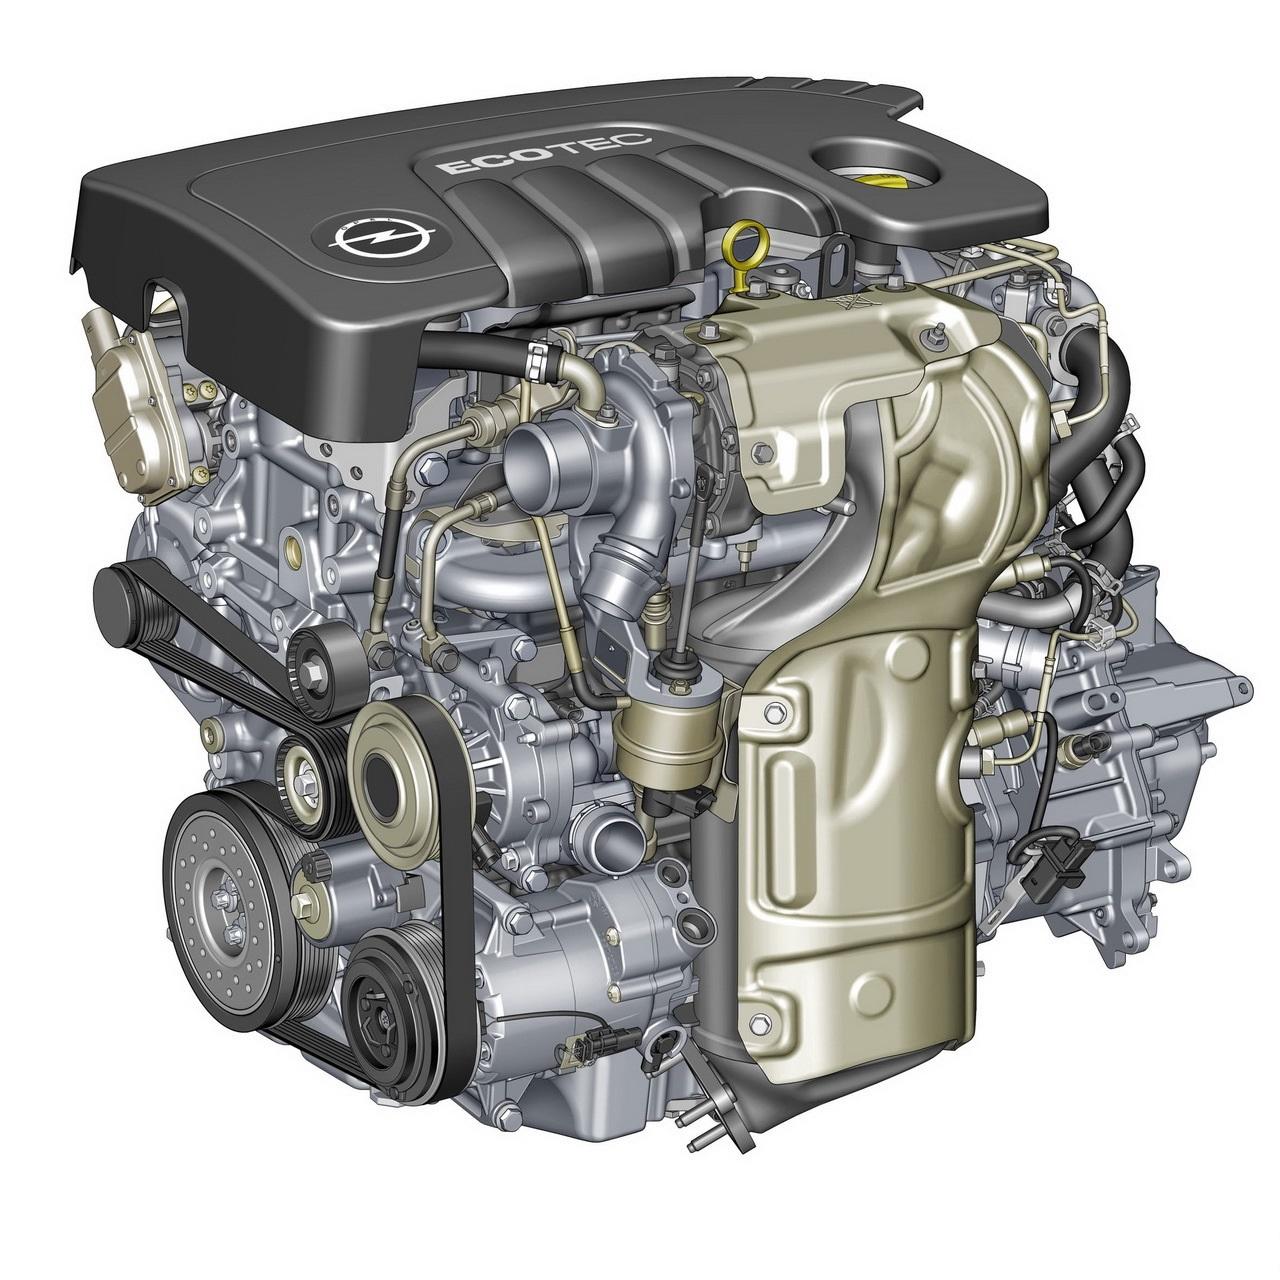 Nouveau Moteur Opel 1.6 CDTI Zafira Tou 3